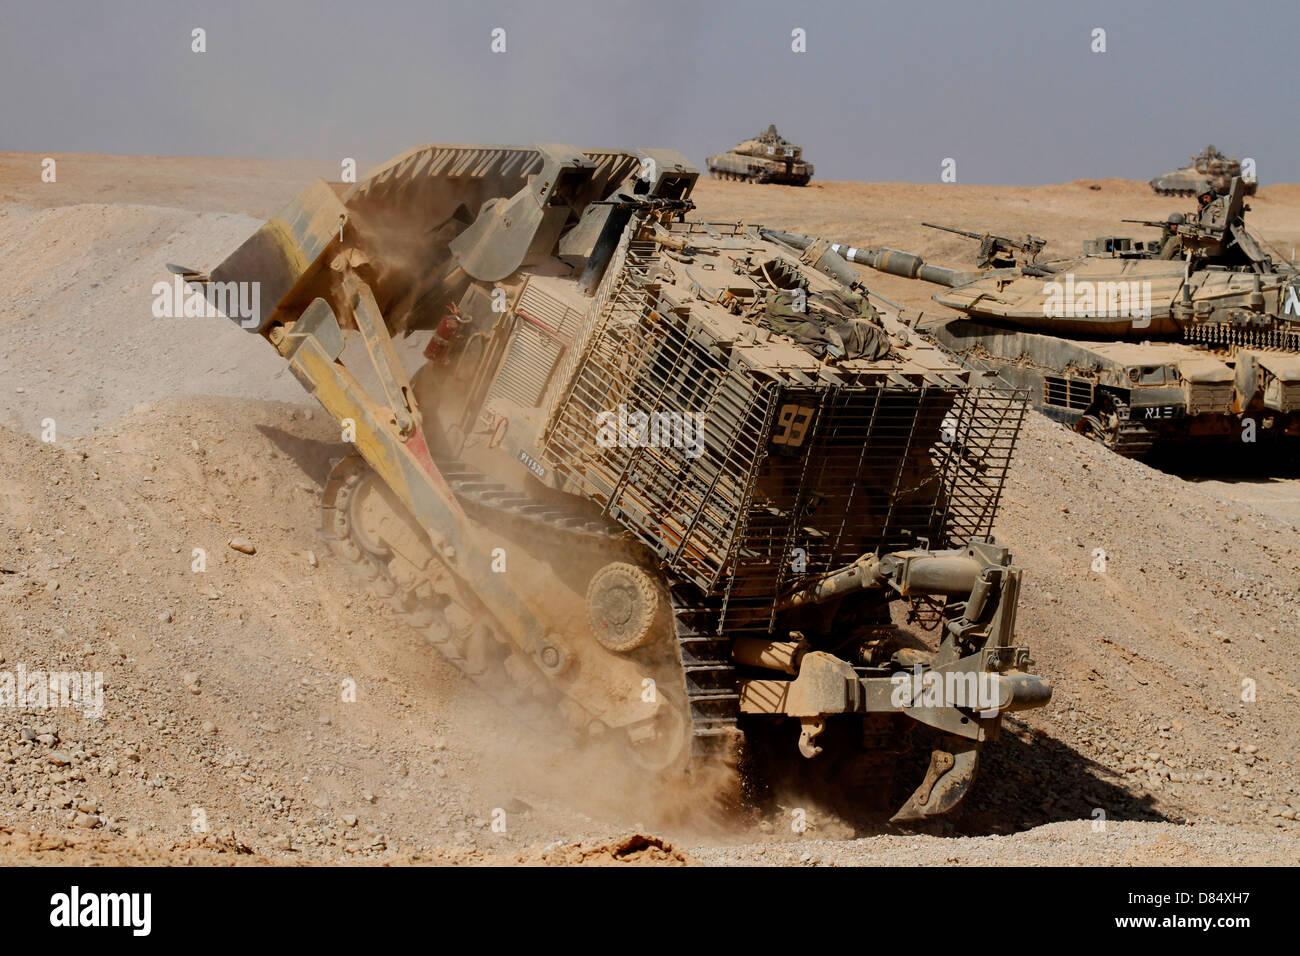 Una Fuerza de Defensa de Israel blindada Caterpillar D-9 despejando el camino para Mark IV del tanque principal Imagen De Stock